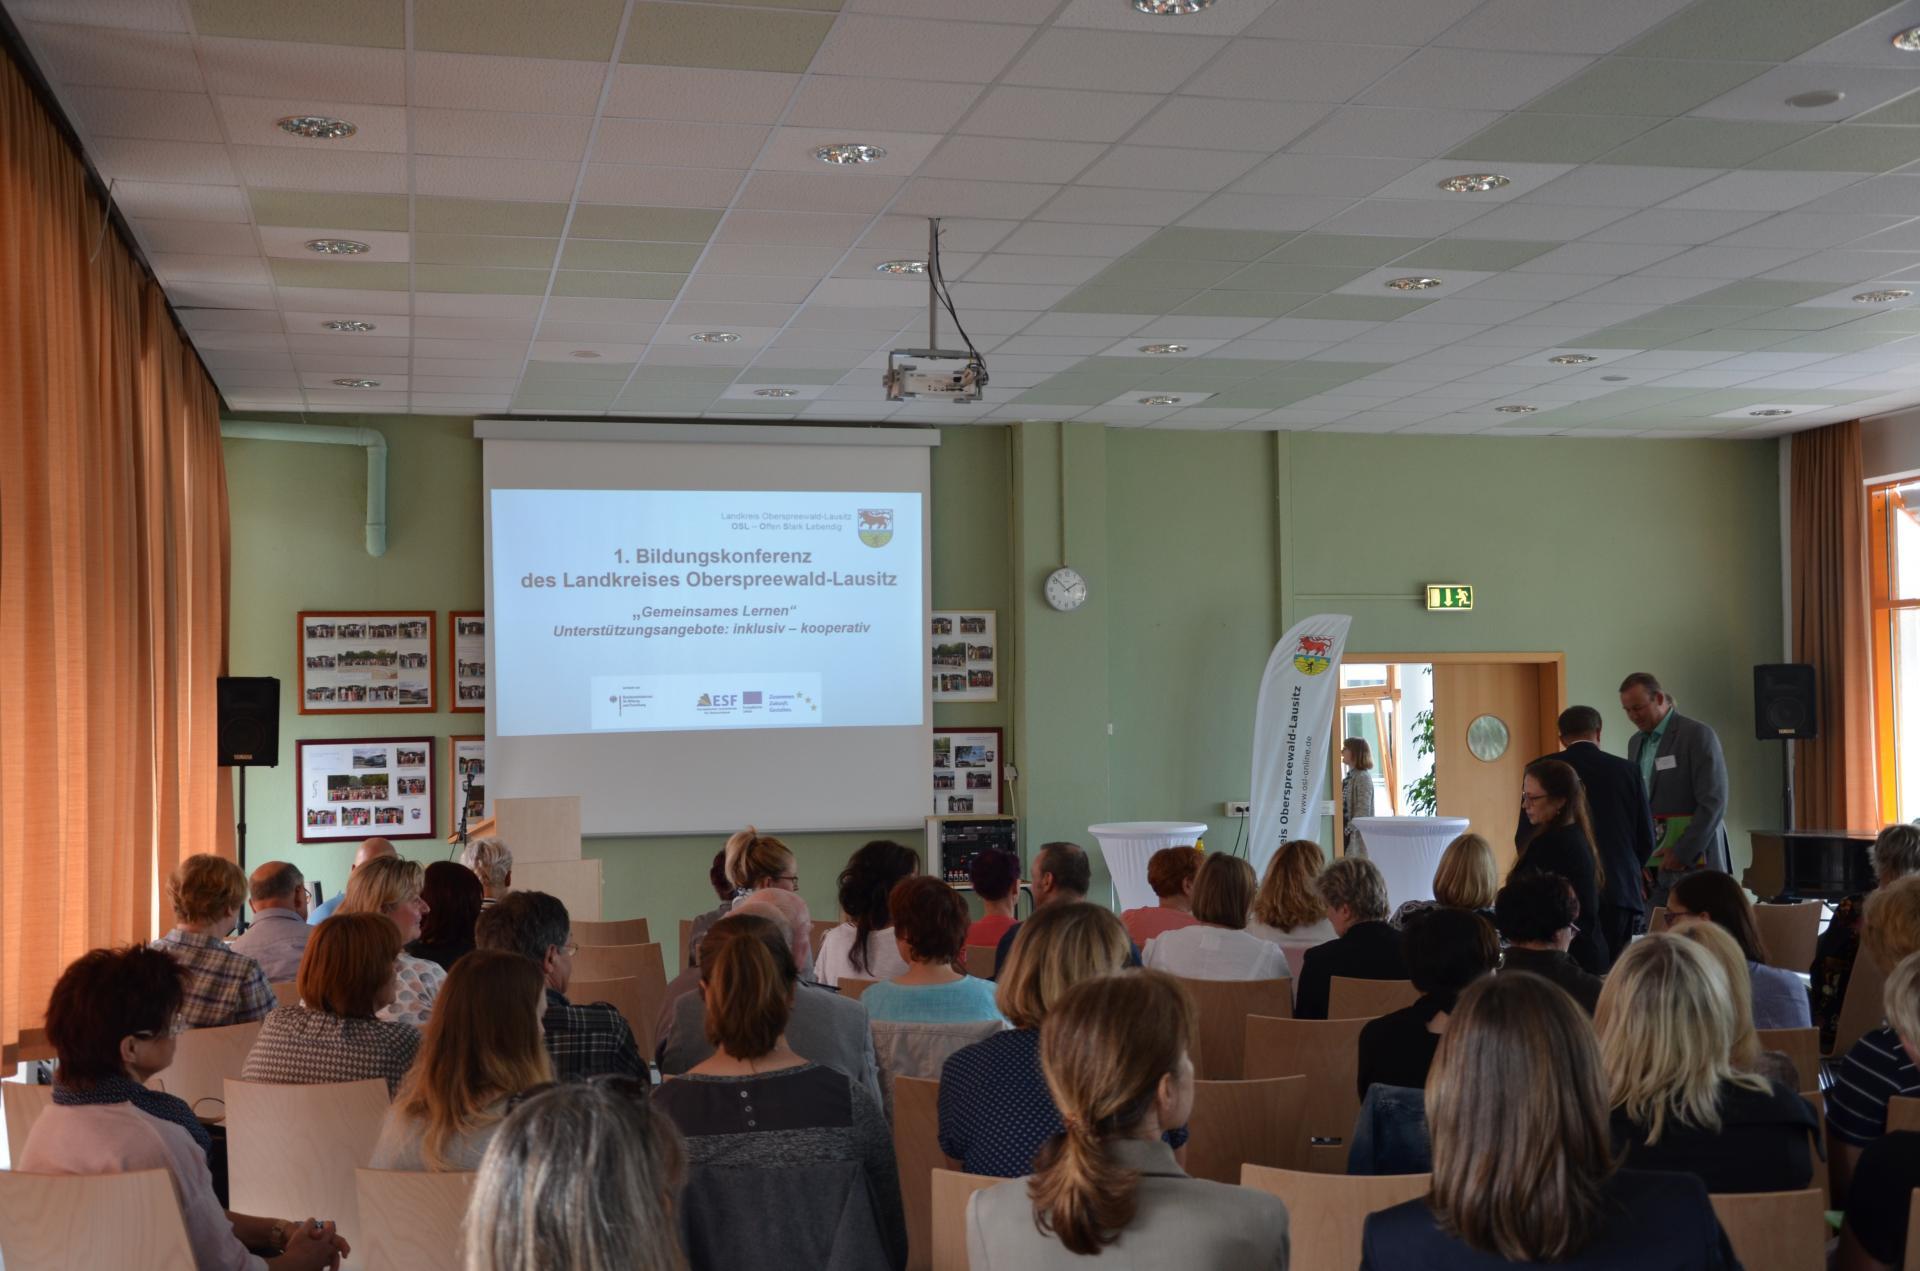 Bildungskonferenz 2019-1